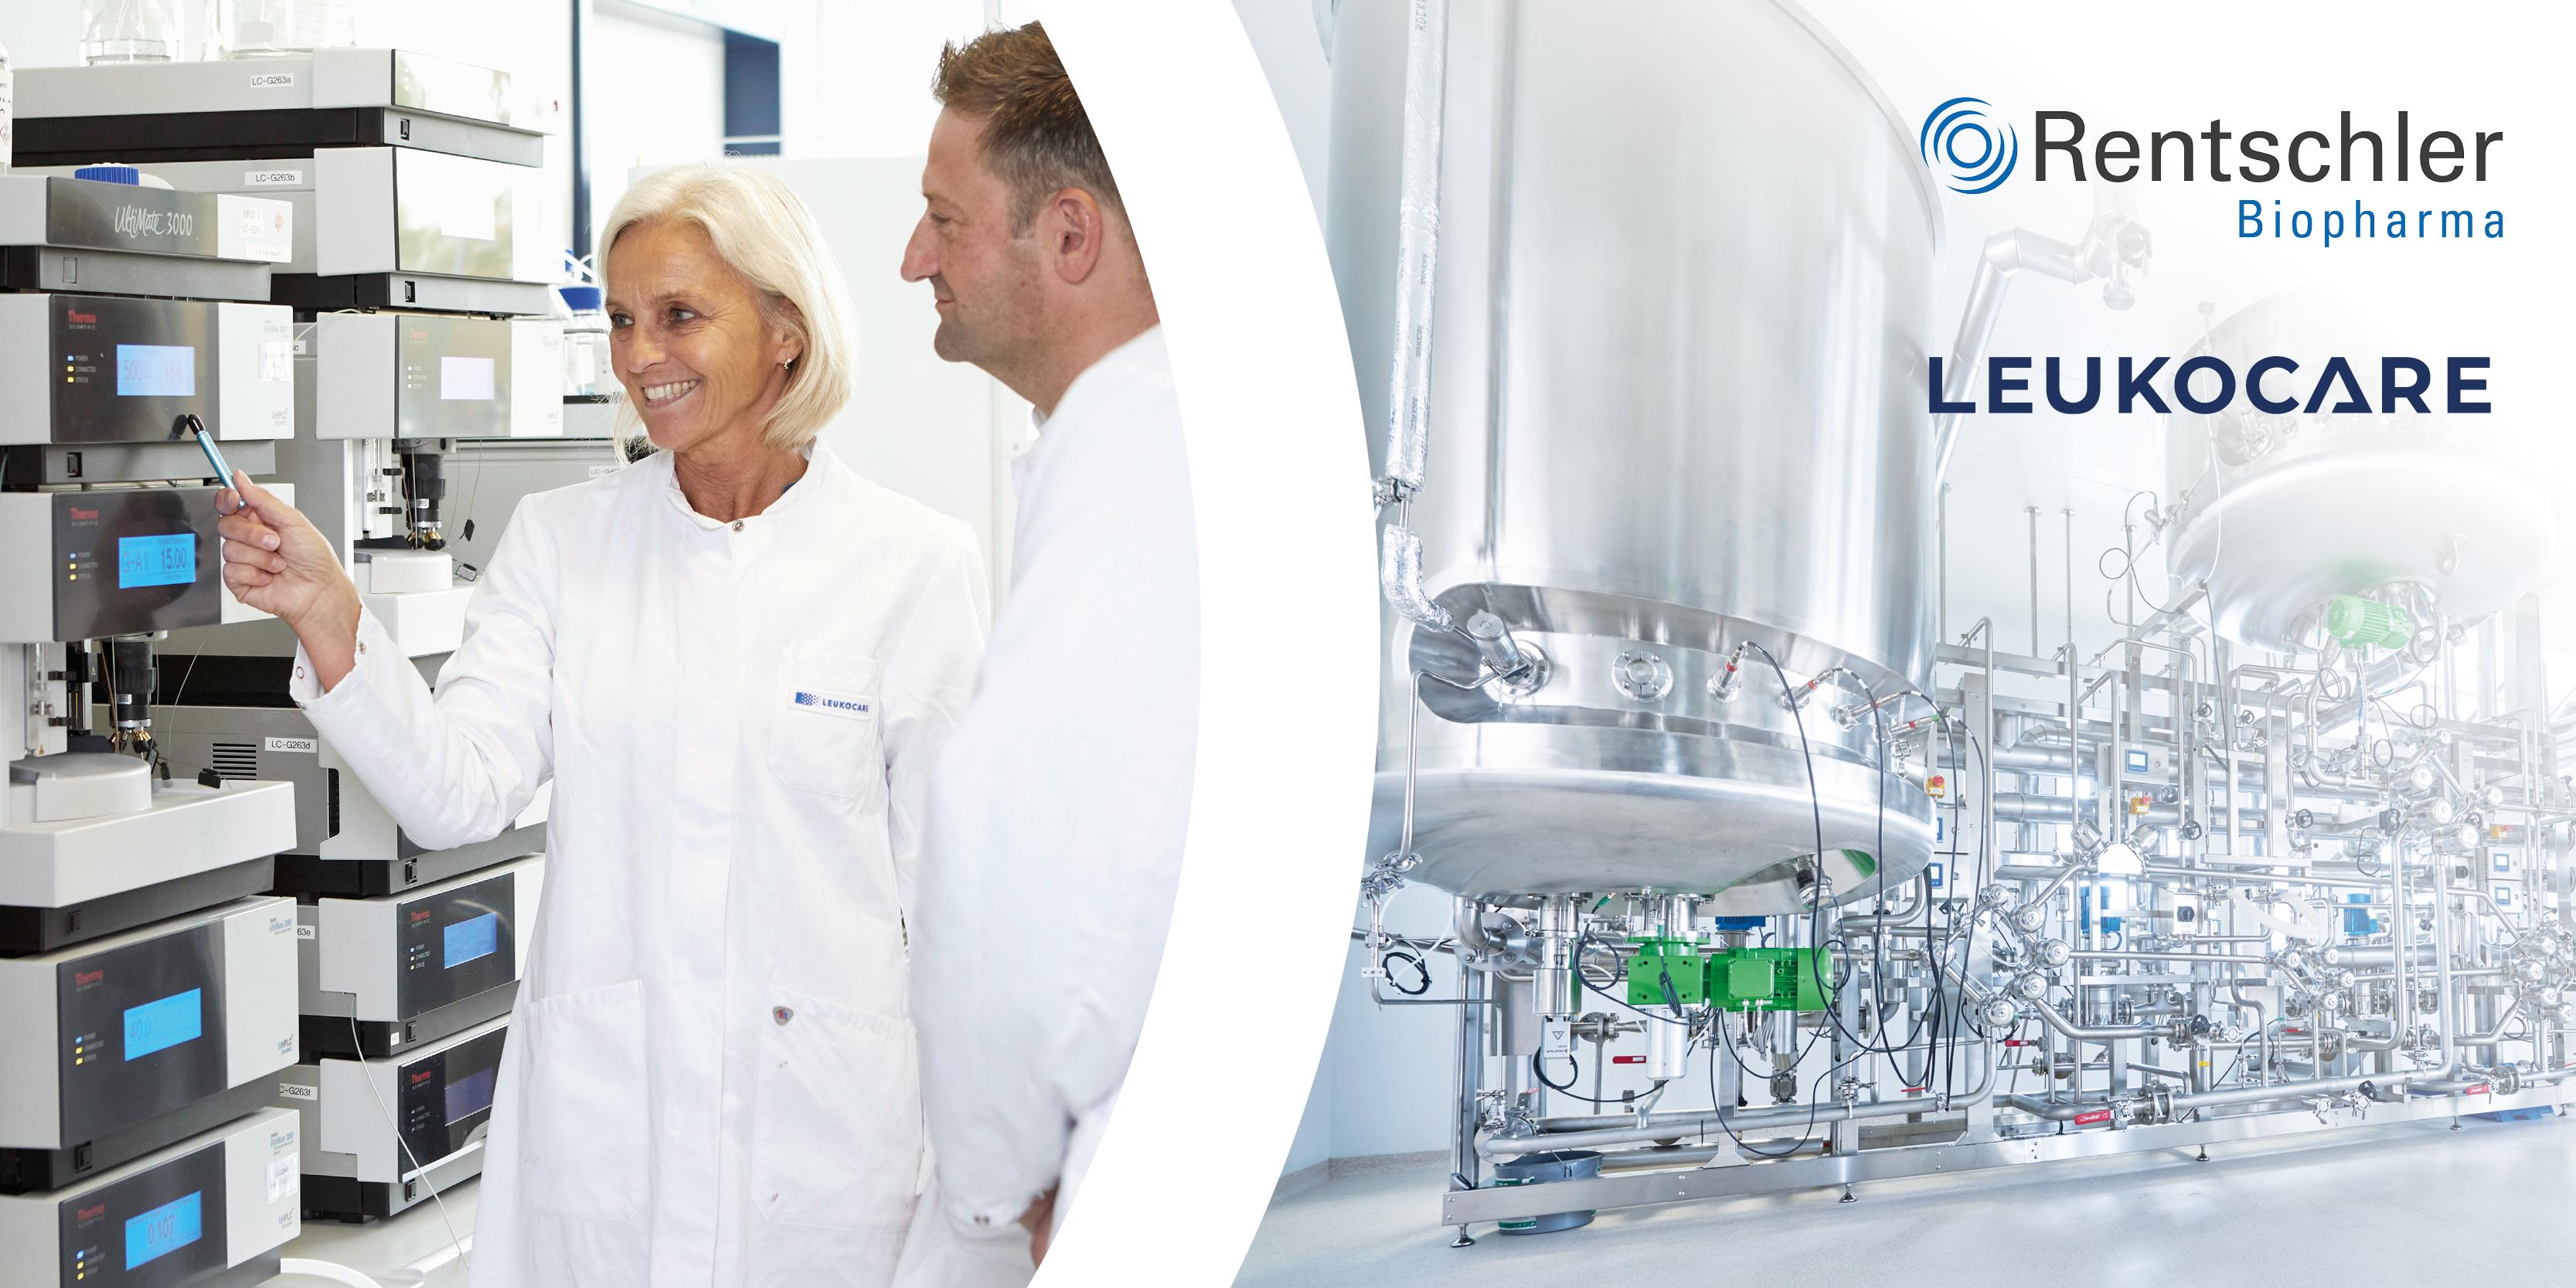 Rentschler Biopharma und Leukocare erweitern Angebot mit einem gemeinsamen U.S.-Standort